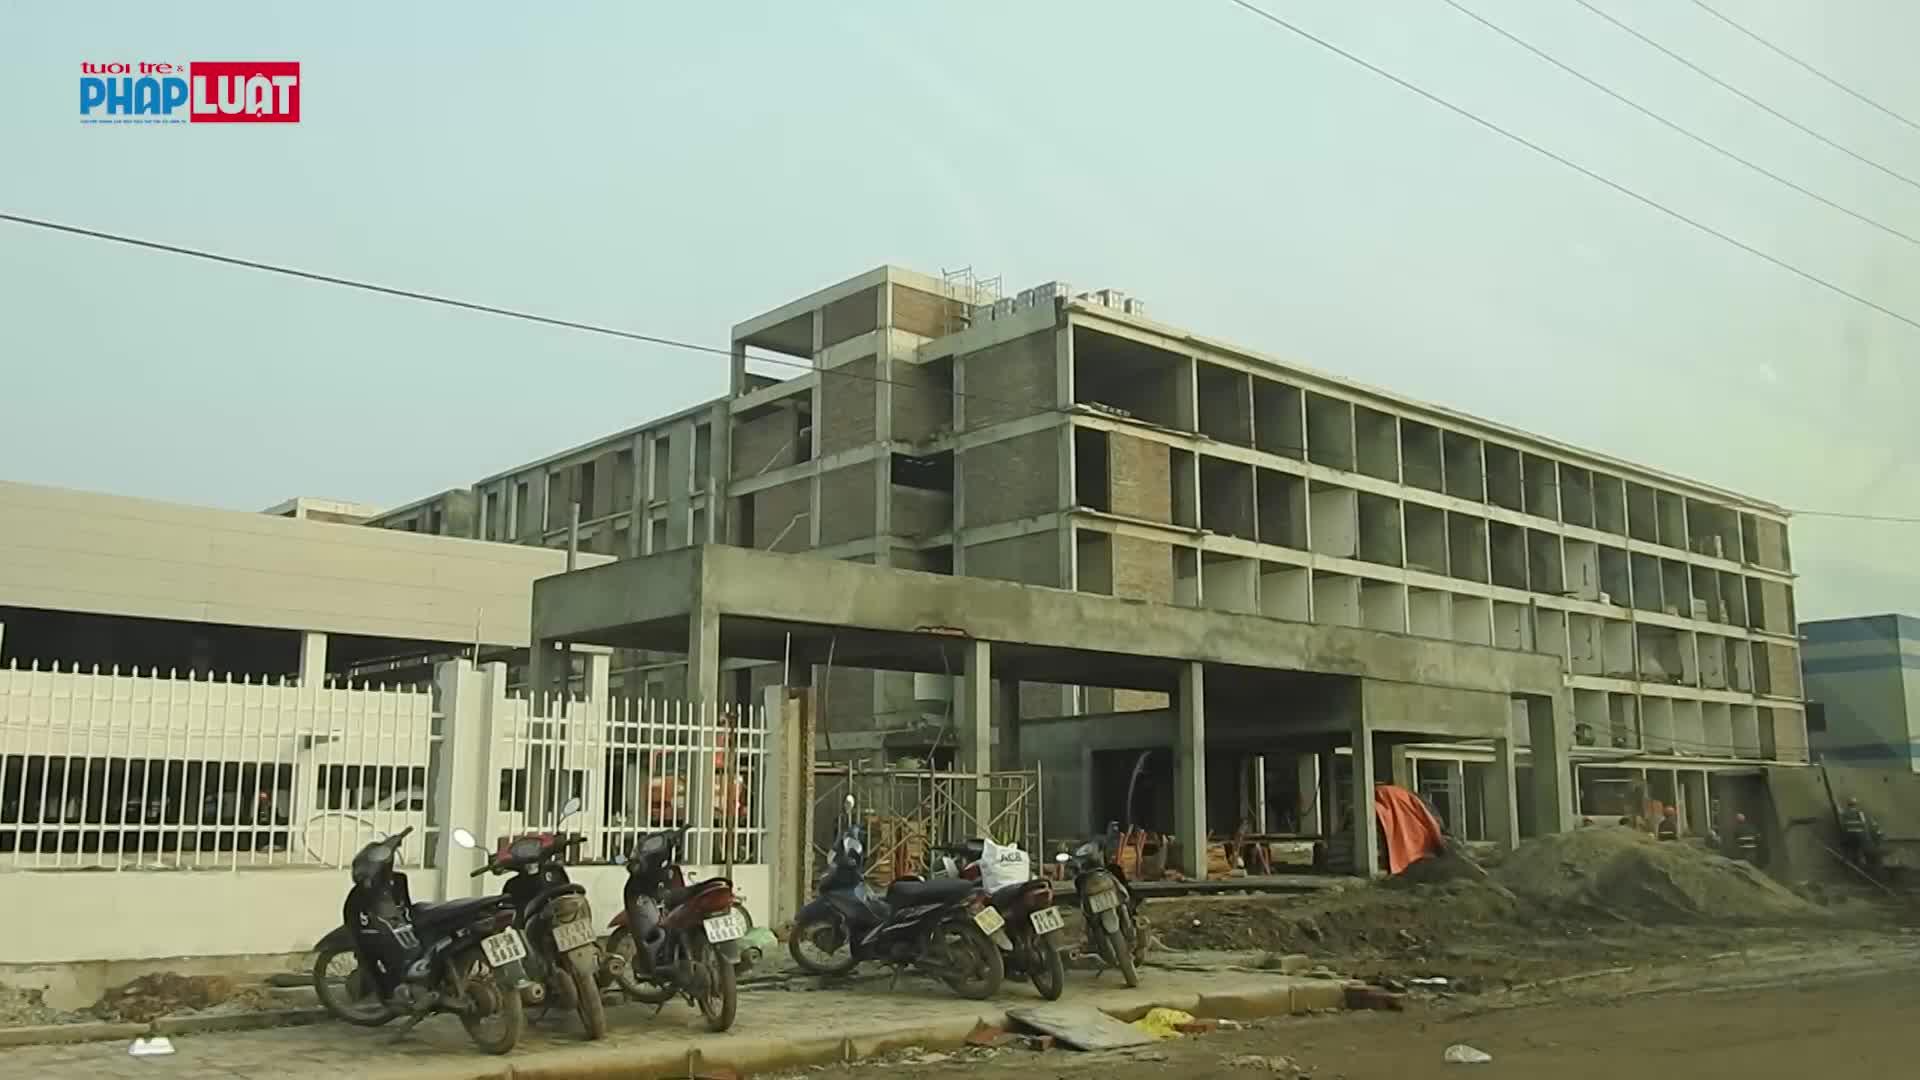 Bắc Giang: Nhiều lần bị xử phạt, DN Trung Quốc tiếp tục xây dựng trái phép 3 toà nhà giữa KCN - Ảnh 2